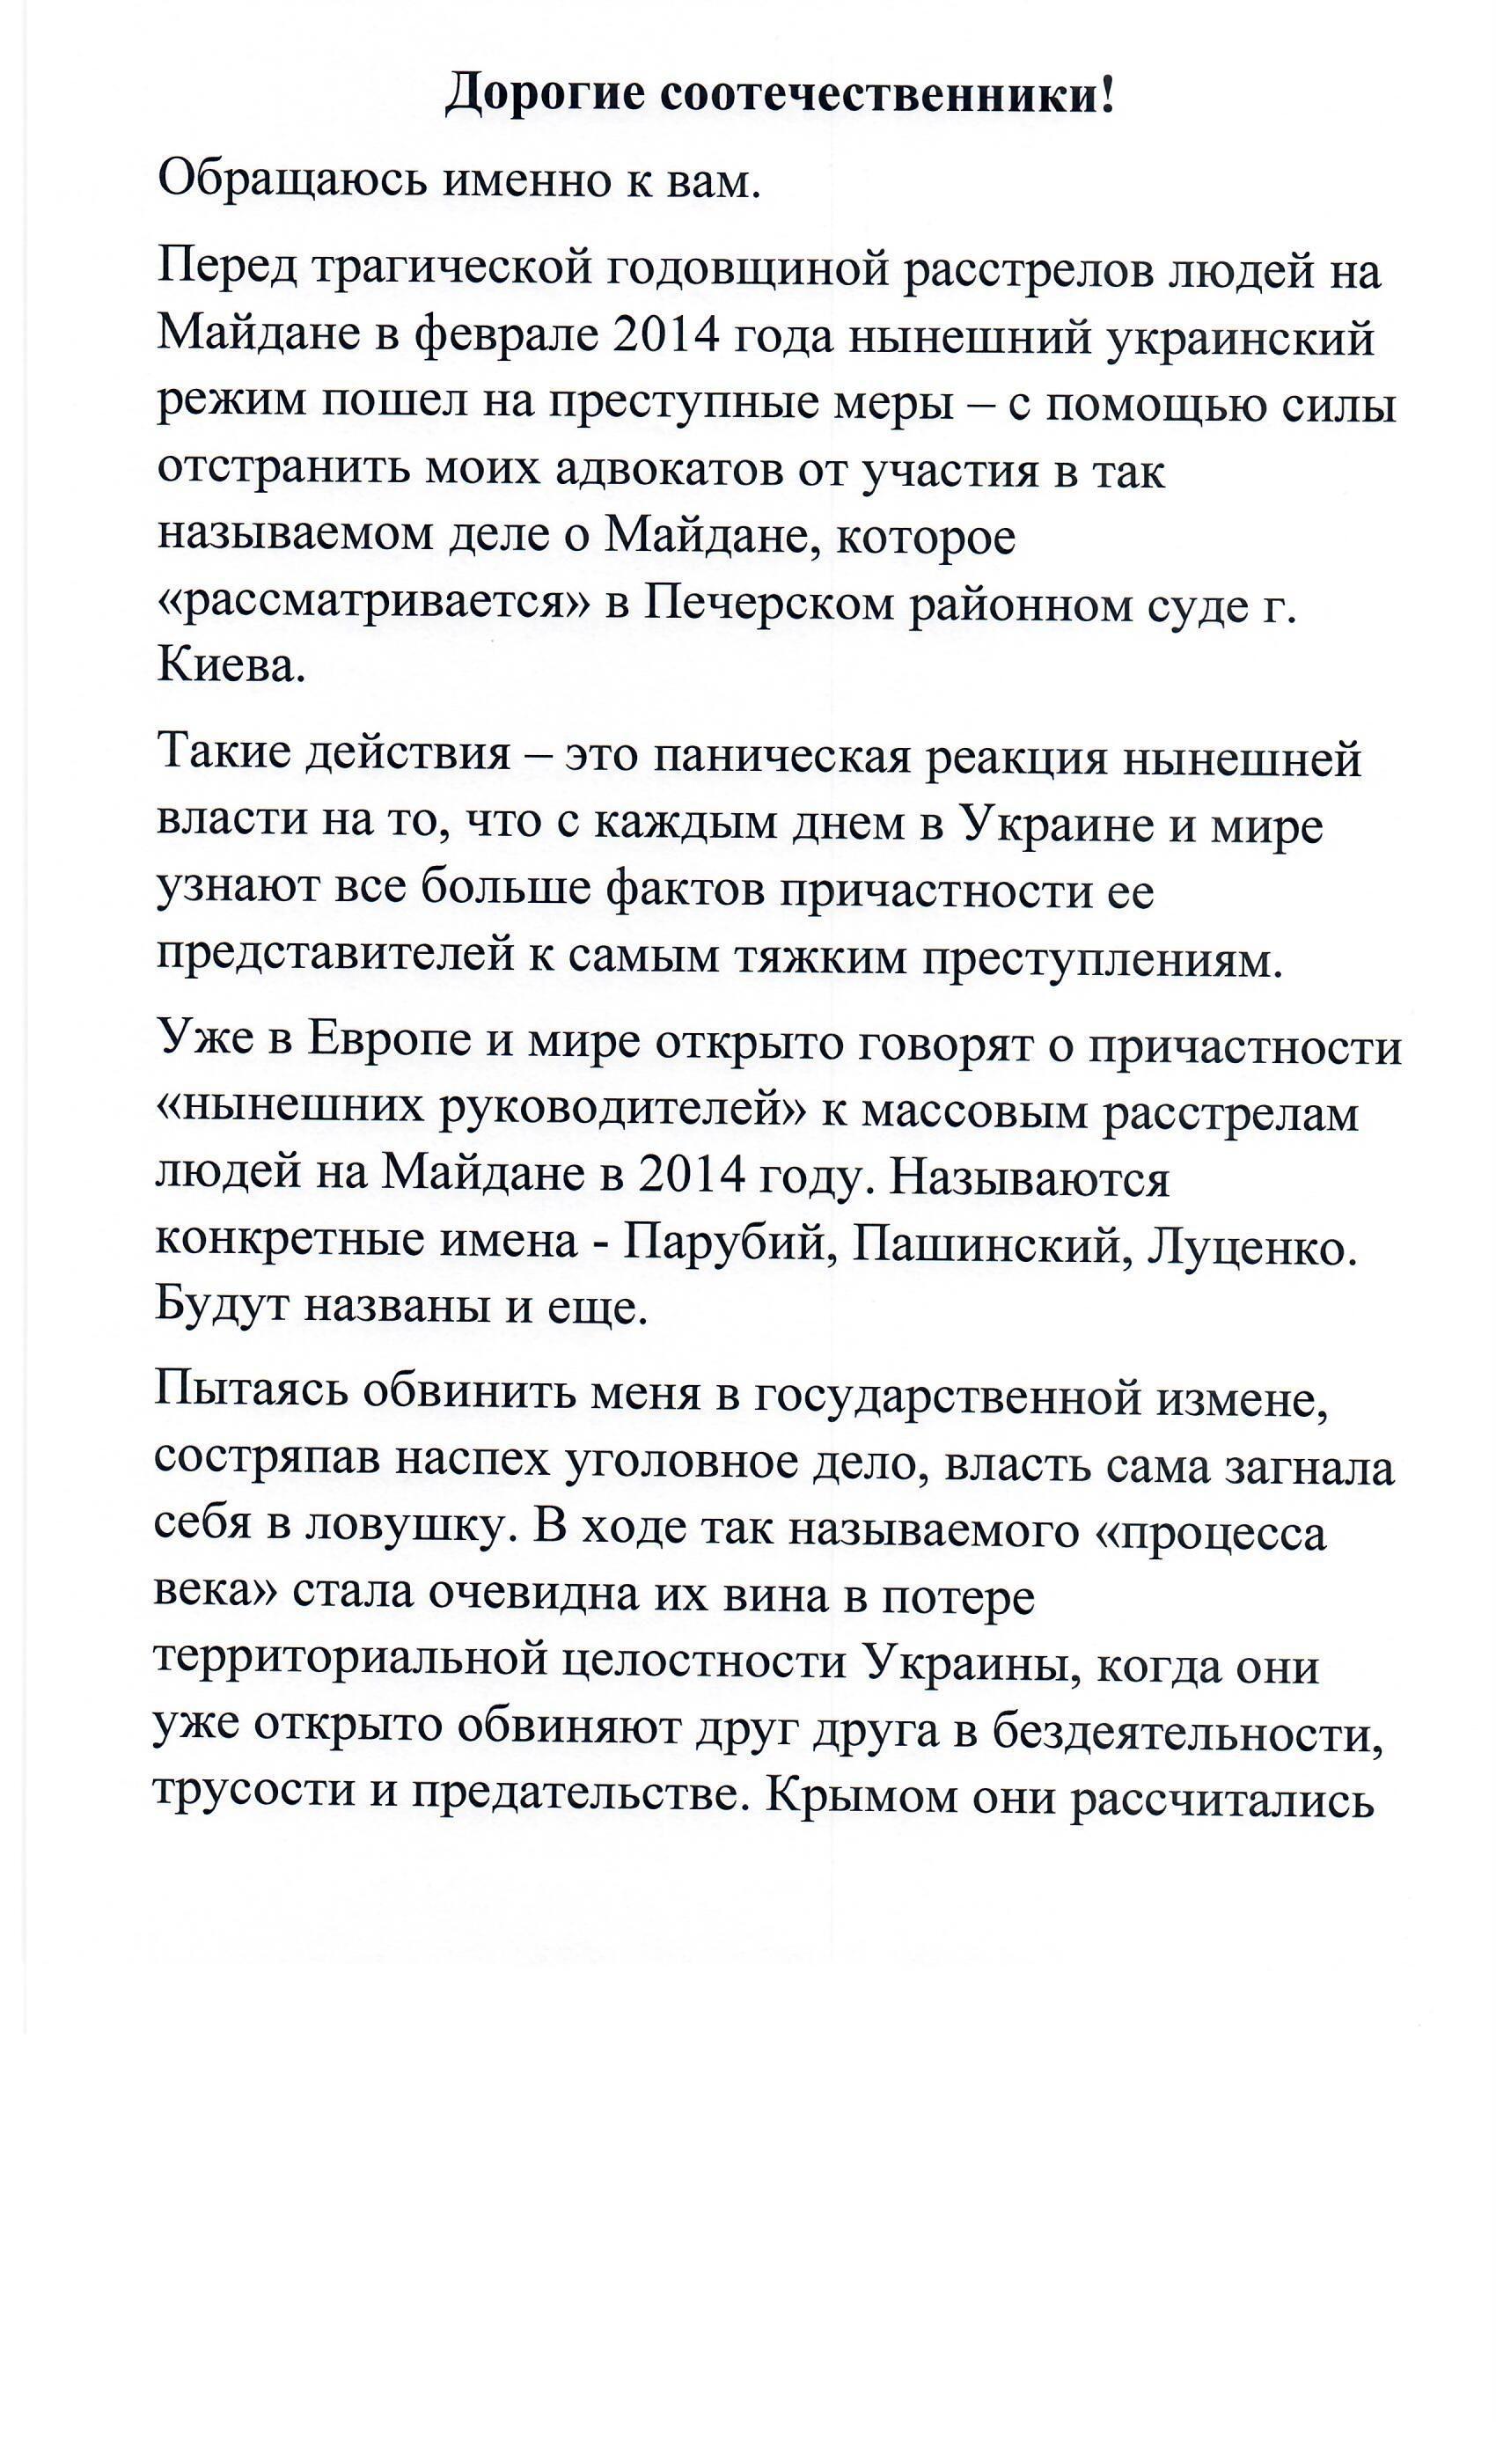 звернення Віктора Януковича_1